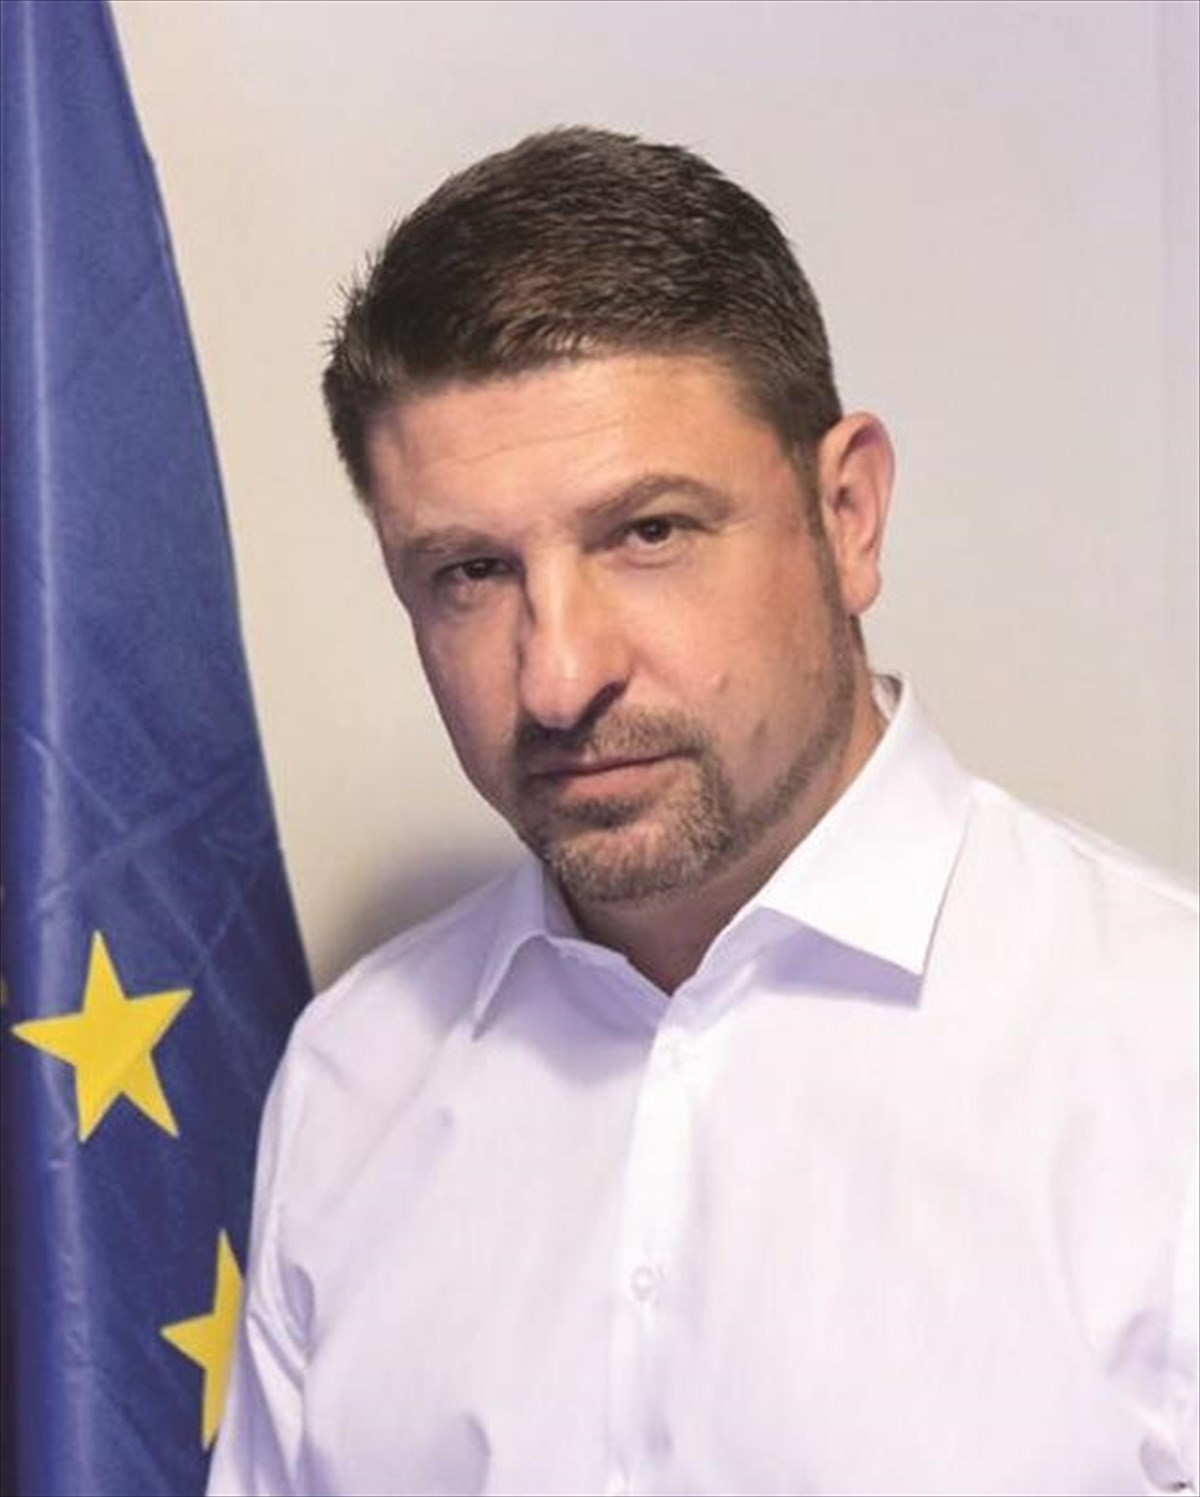 Ενώπιος Ενωπίω: ο Νίκος Χαρδαλιάς αποκαλύπτεται στον Νίκο Χατζηνικολάου